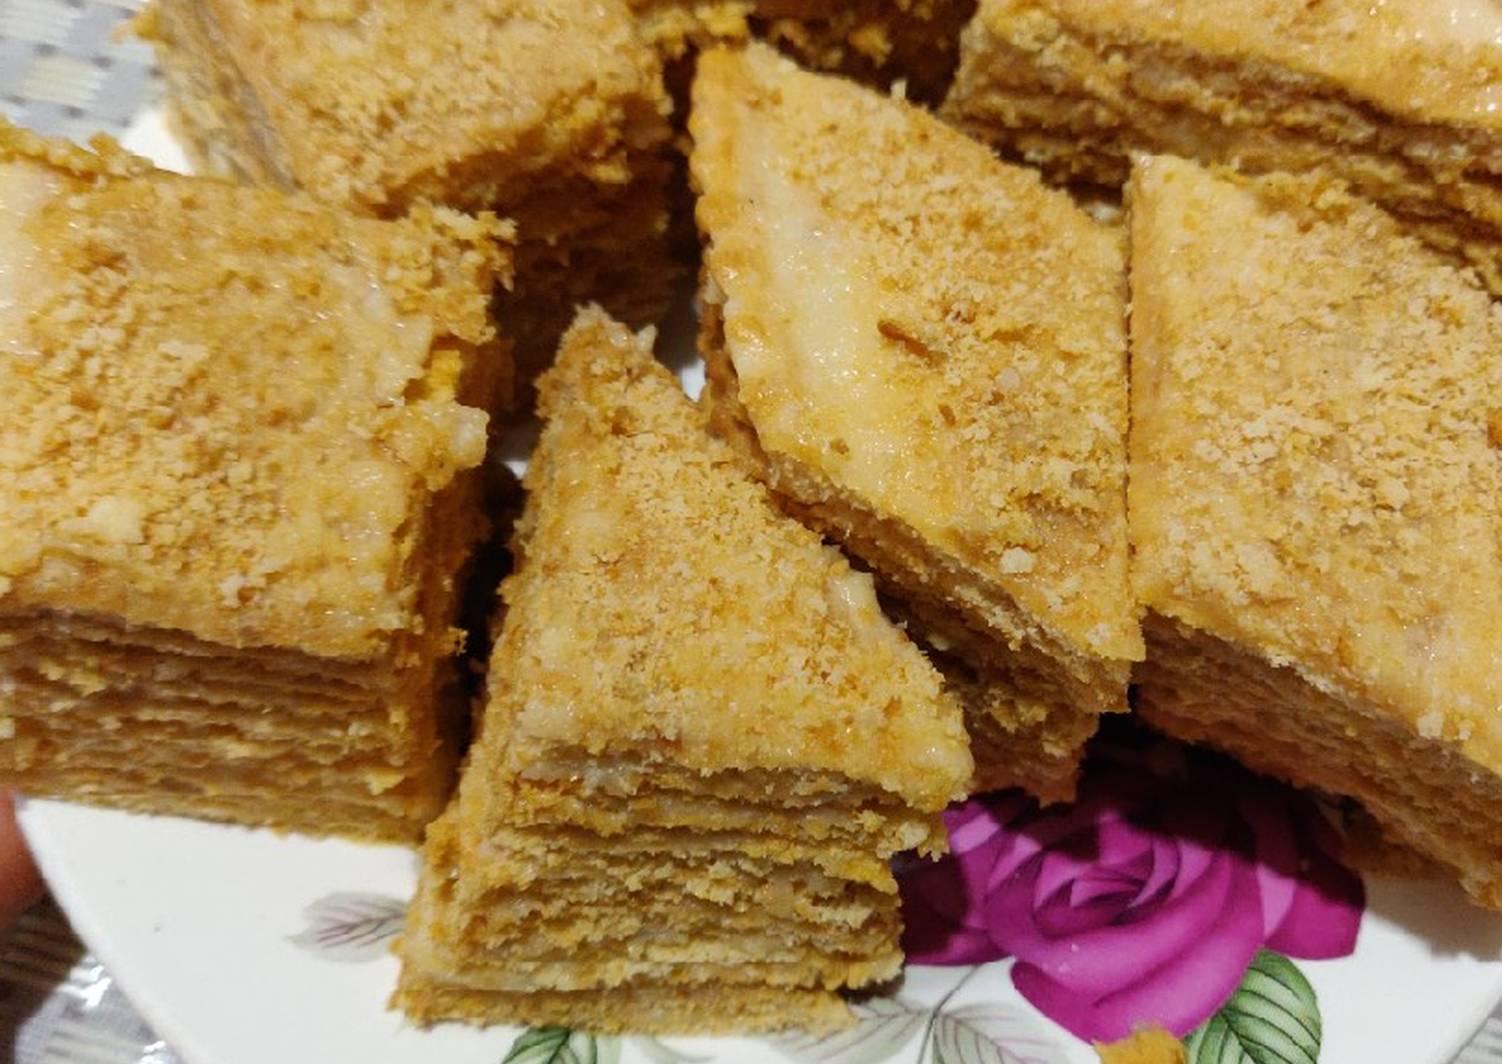 торт дездемона медовый рецепт с фото полоски это отличный